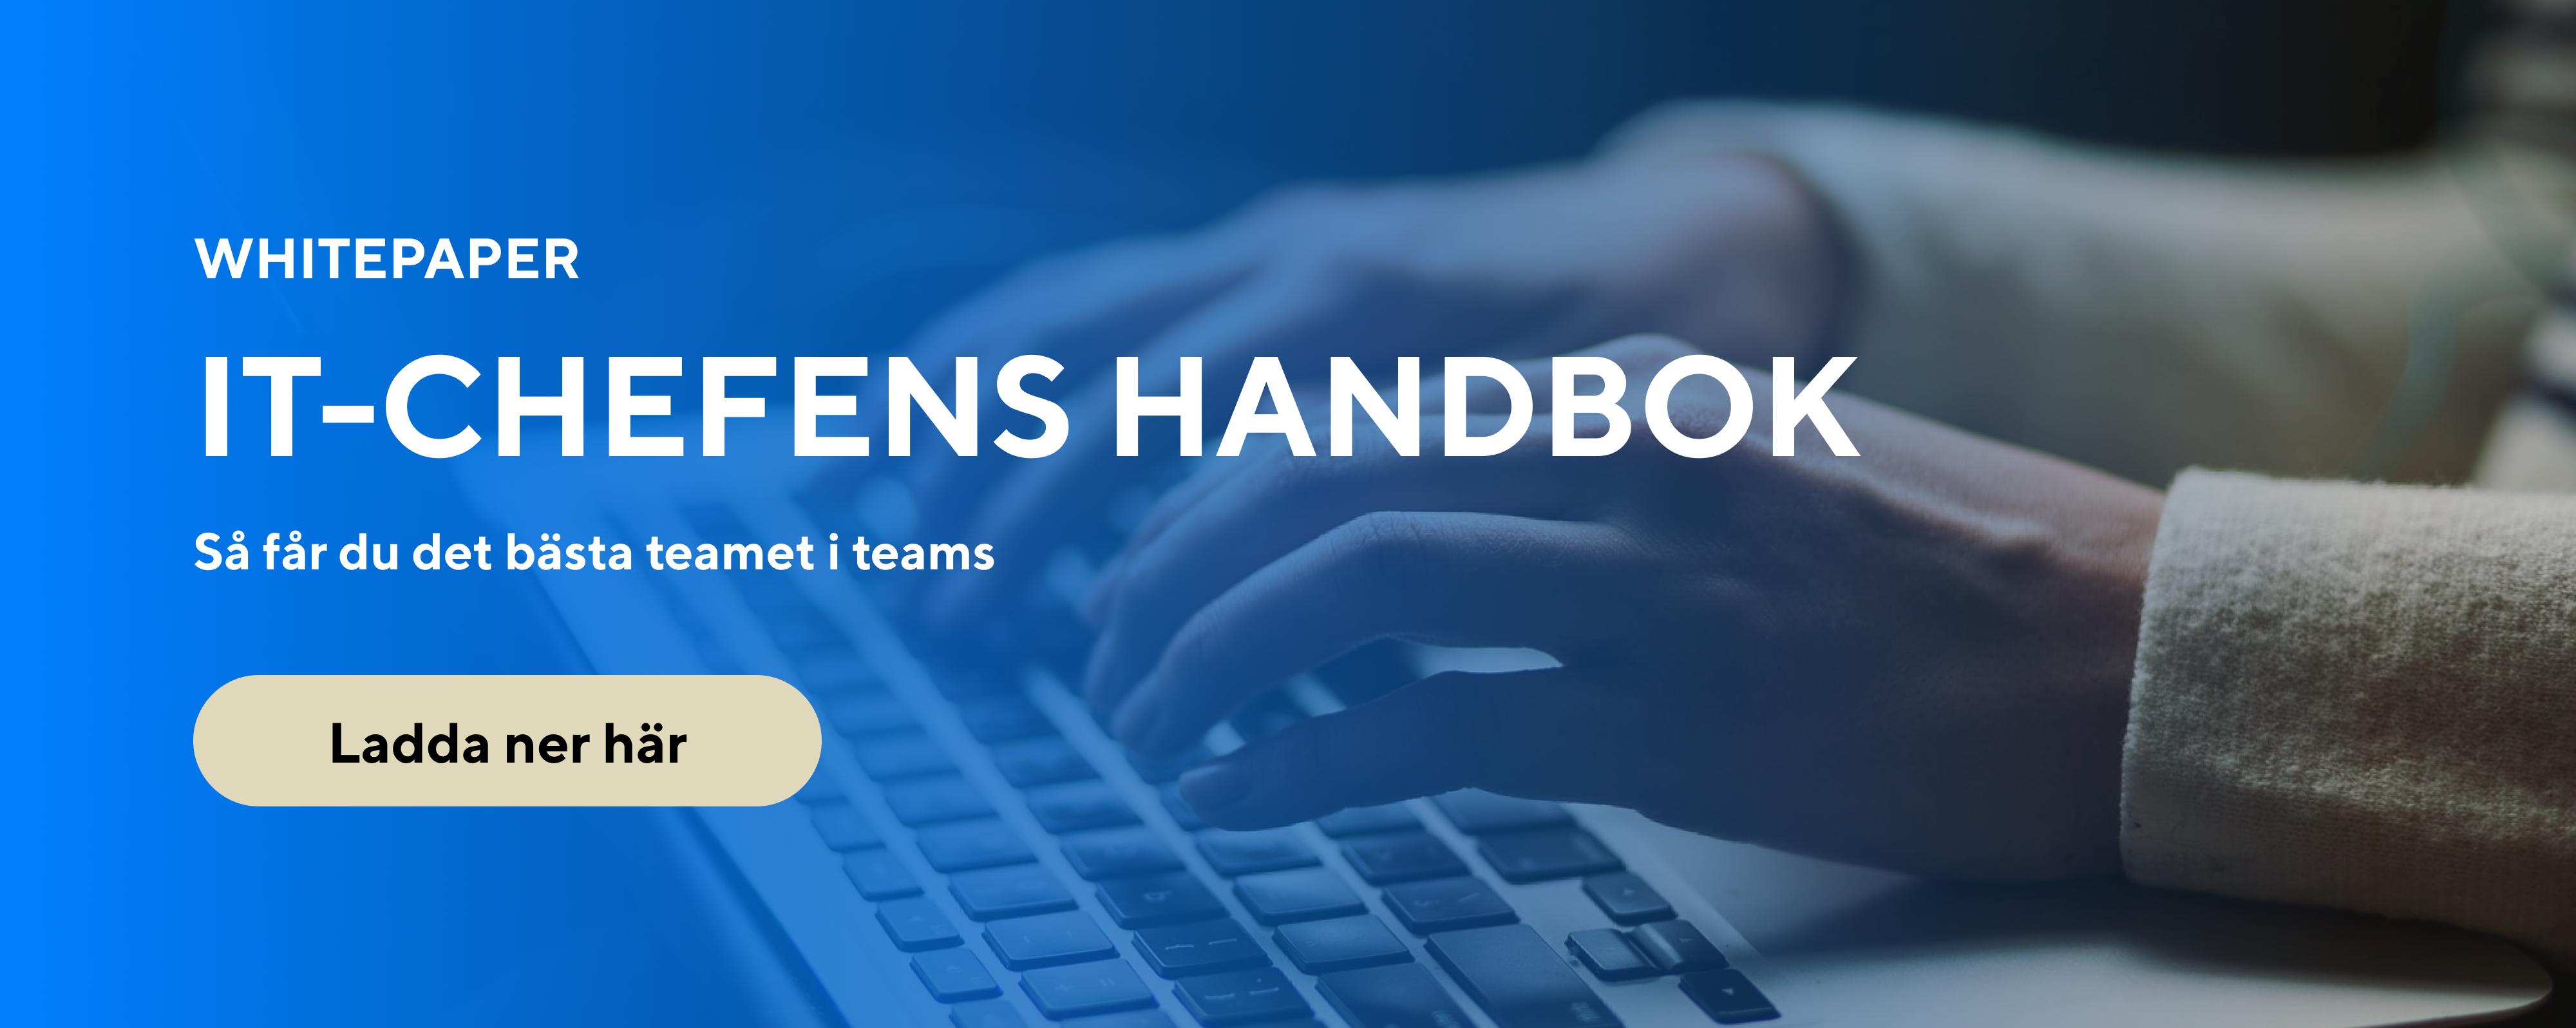 IT-chefens handbok så får du det bästa teamet i teams